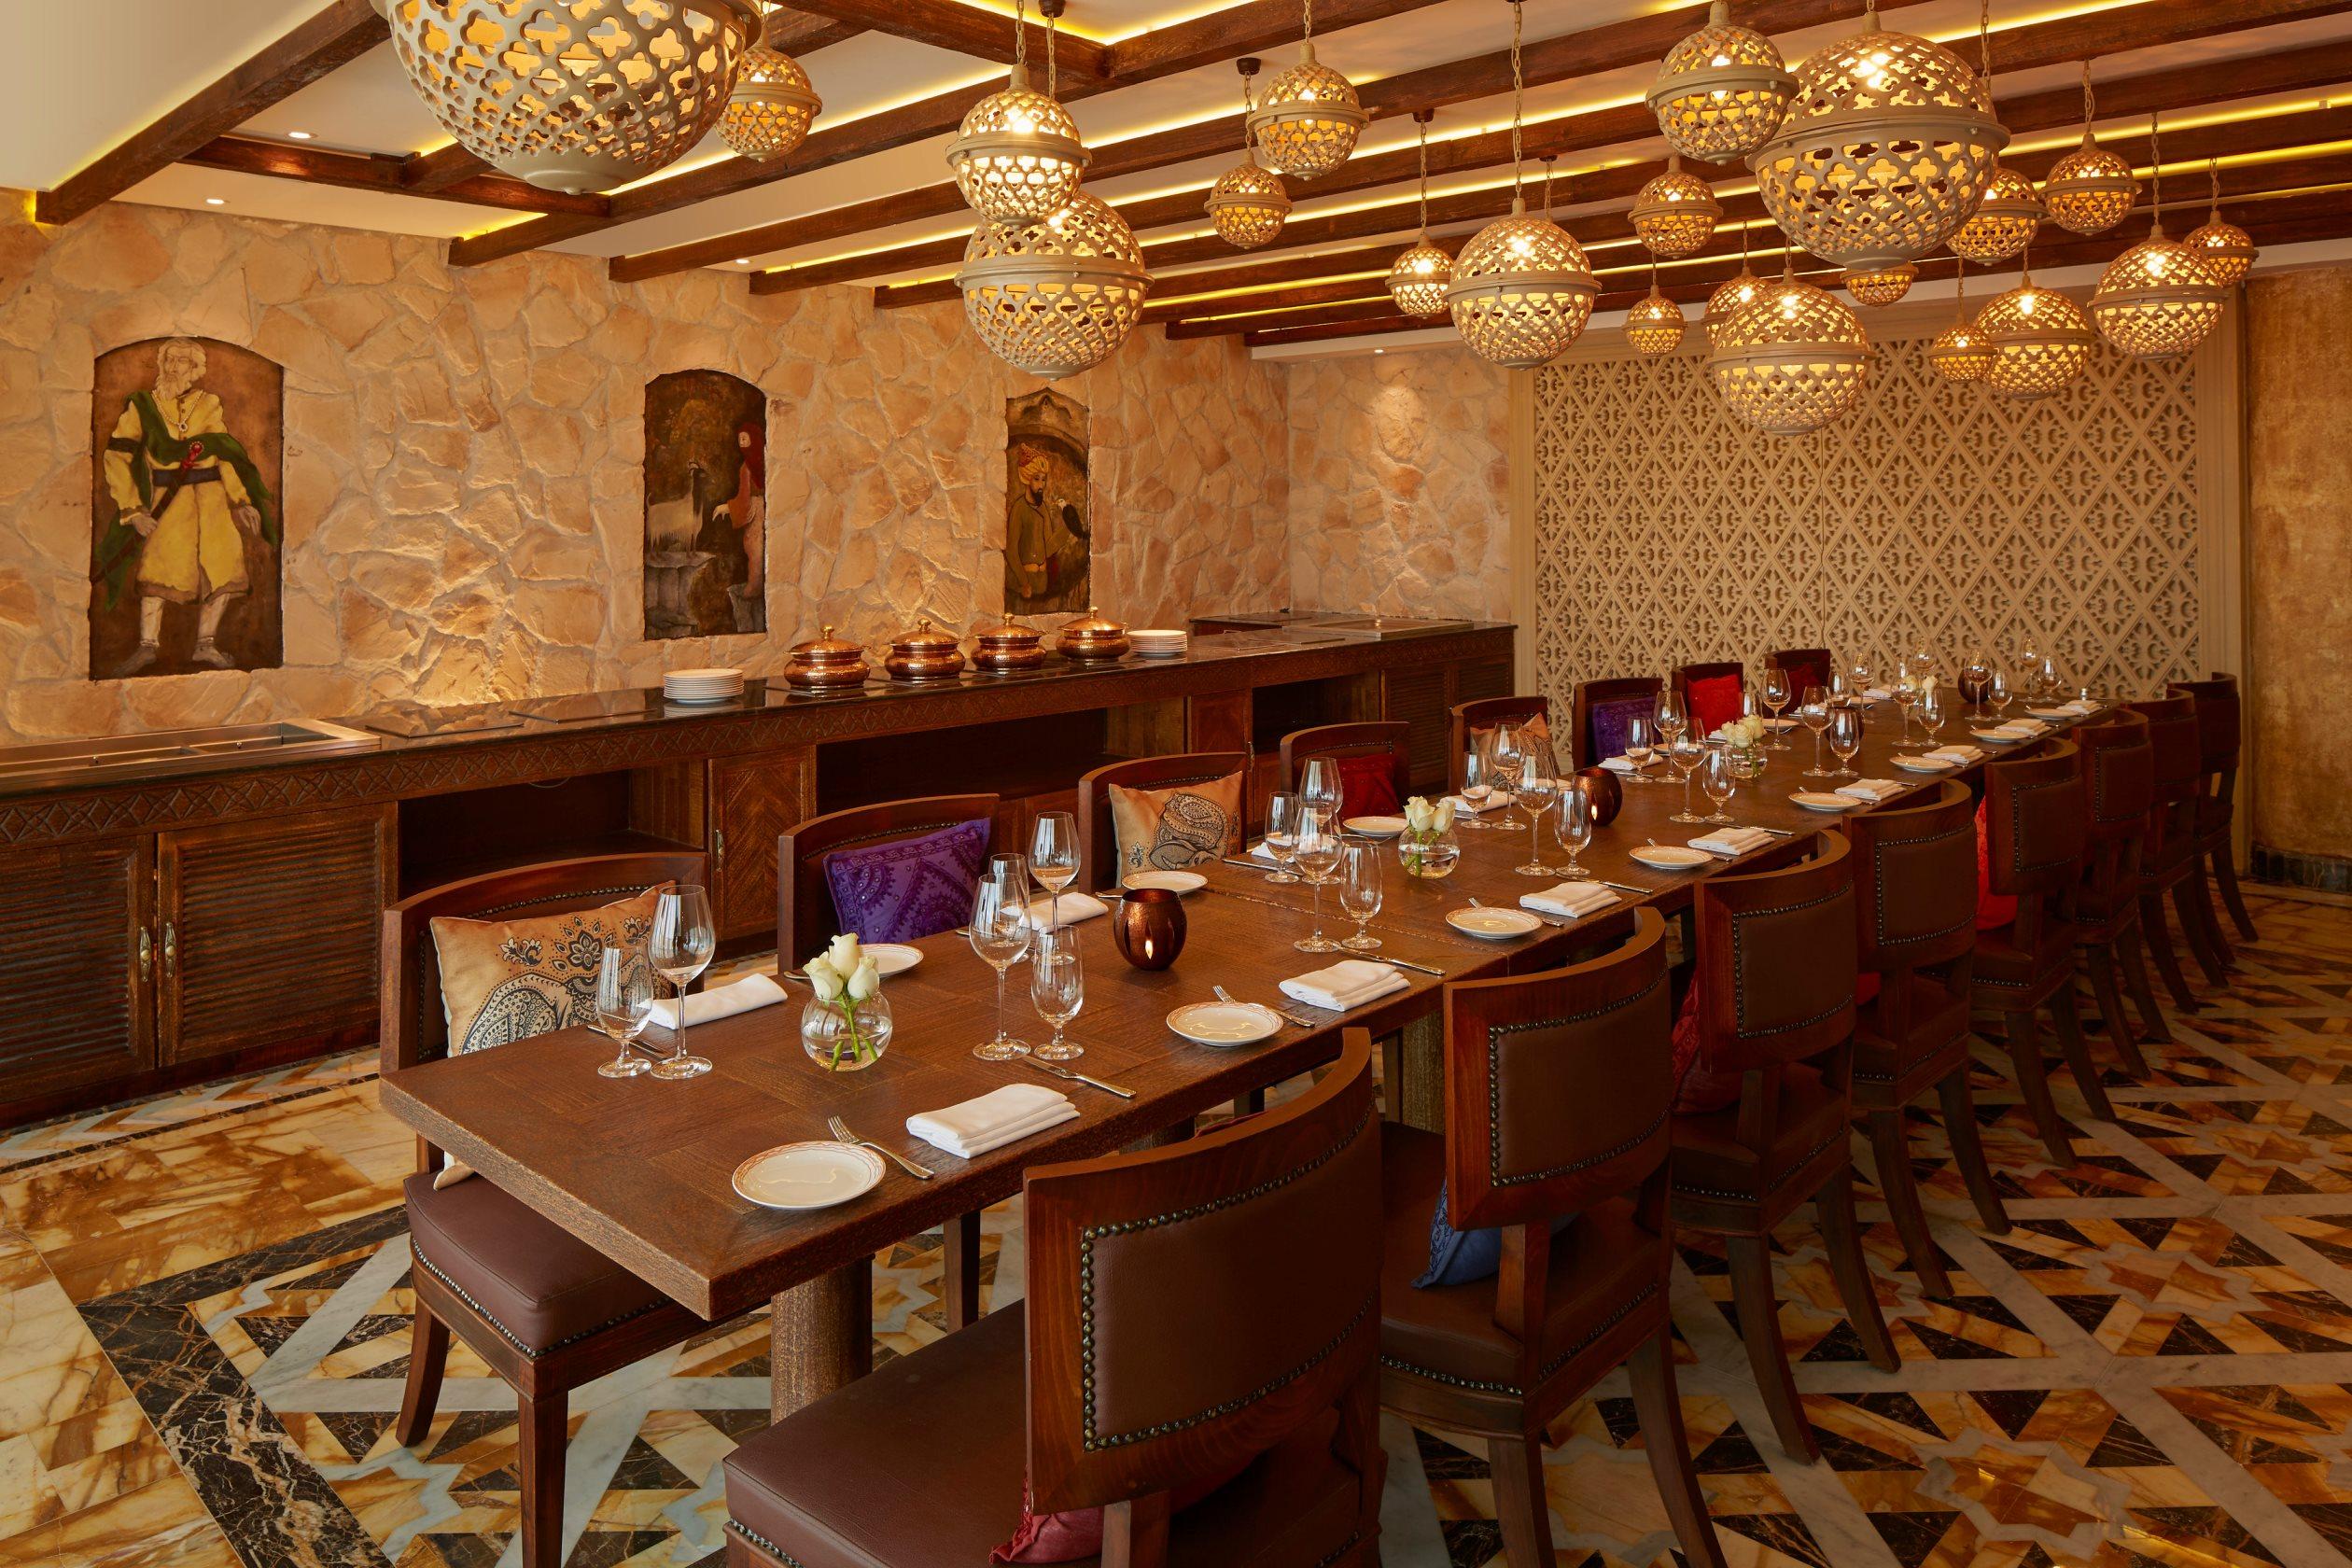 إفتتاح مطعم خيبر للمأكولات الهندية في فندق ديوكس دبي